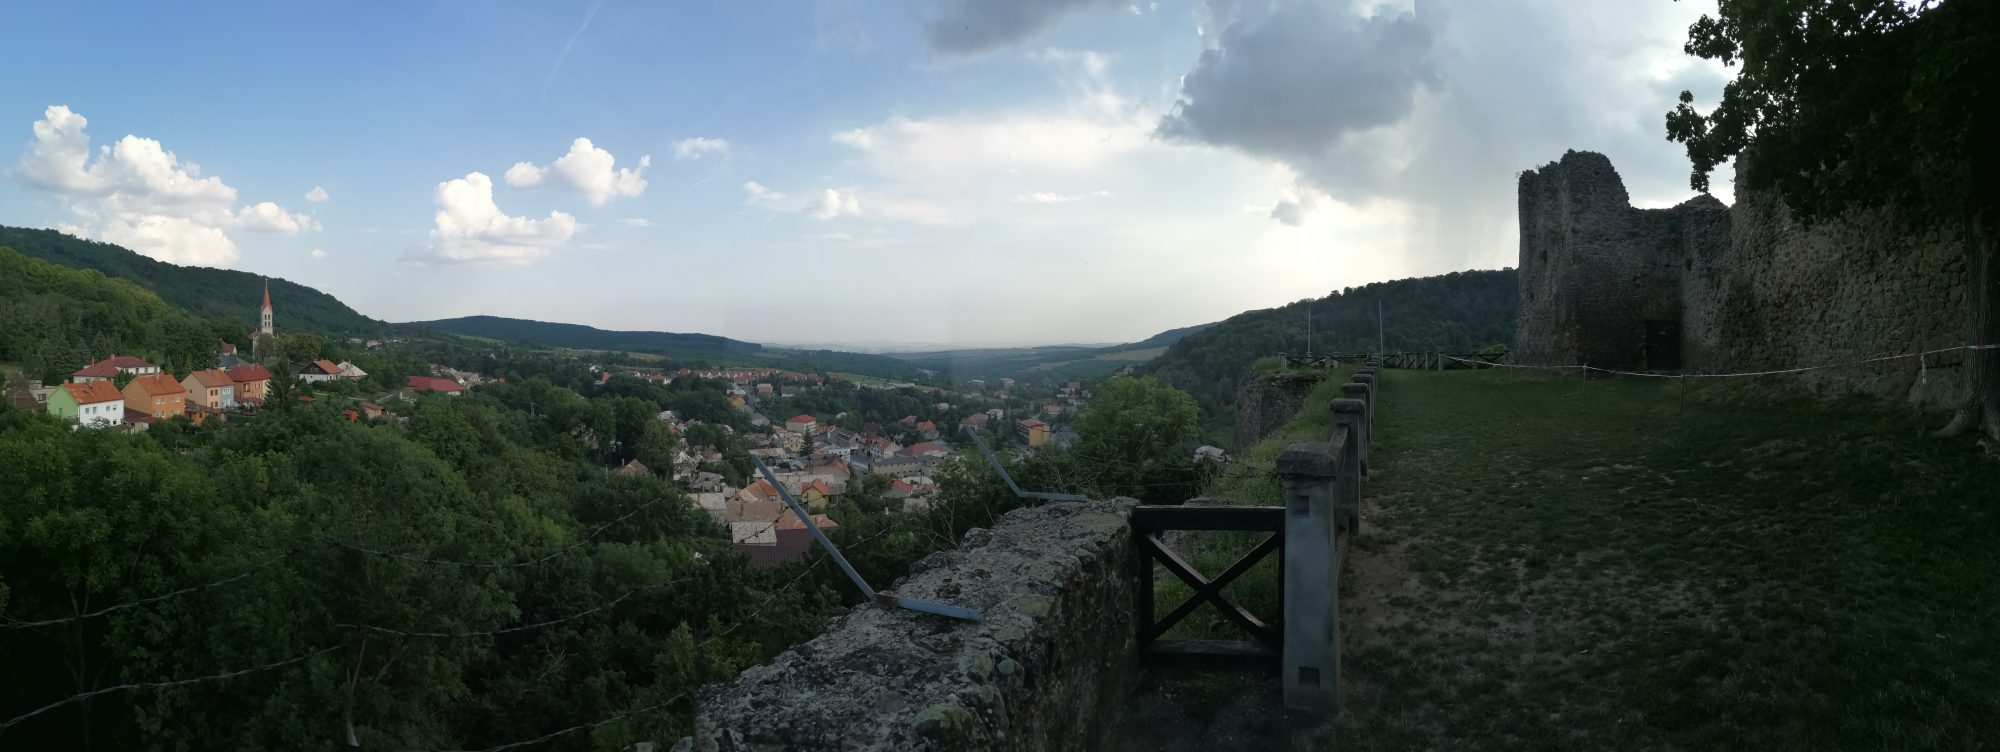 Modrý Kameň -pohľad spod hradieb na mestečko